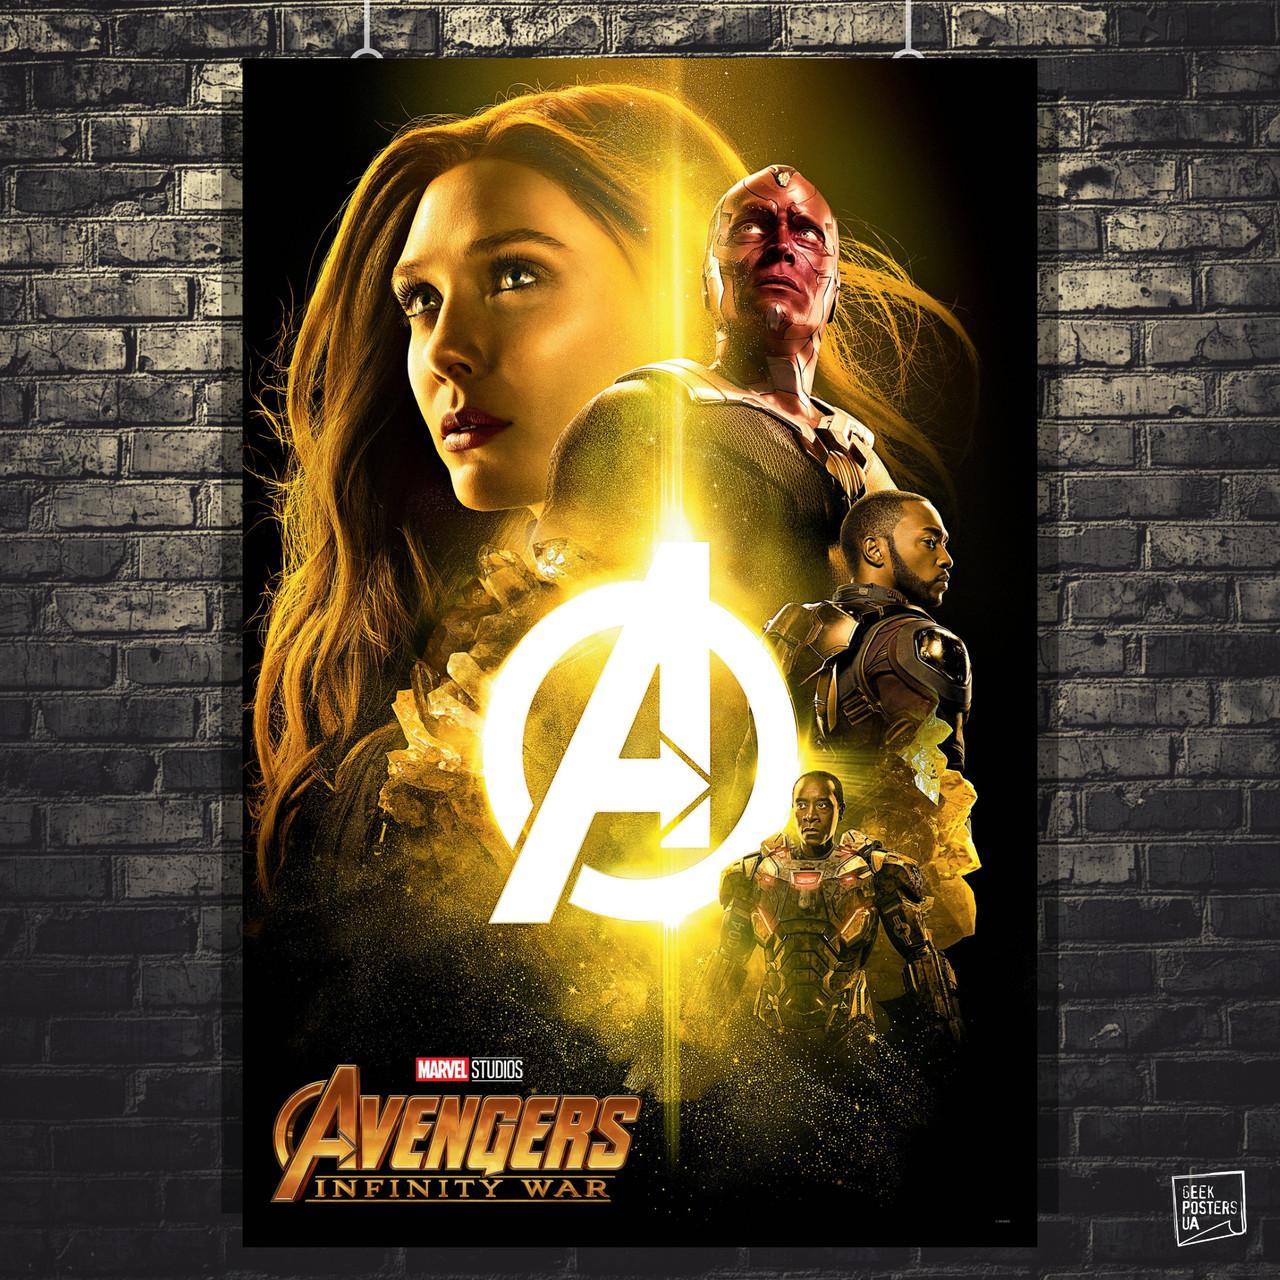 Постер Мстители: Война Бесконечности, Avengers: Infinity War (жёлтый). Размер 60x40см (A2). Глянцевая бумага